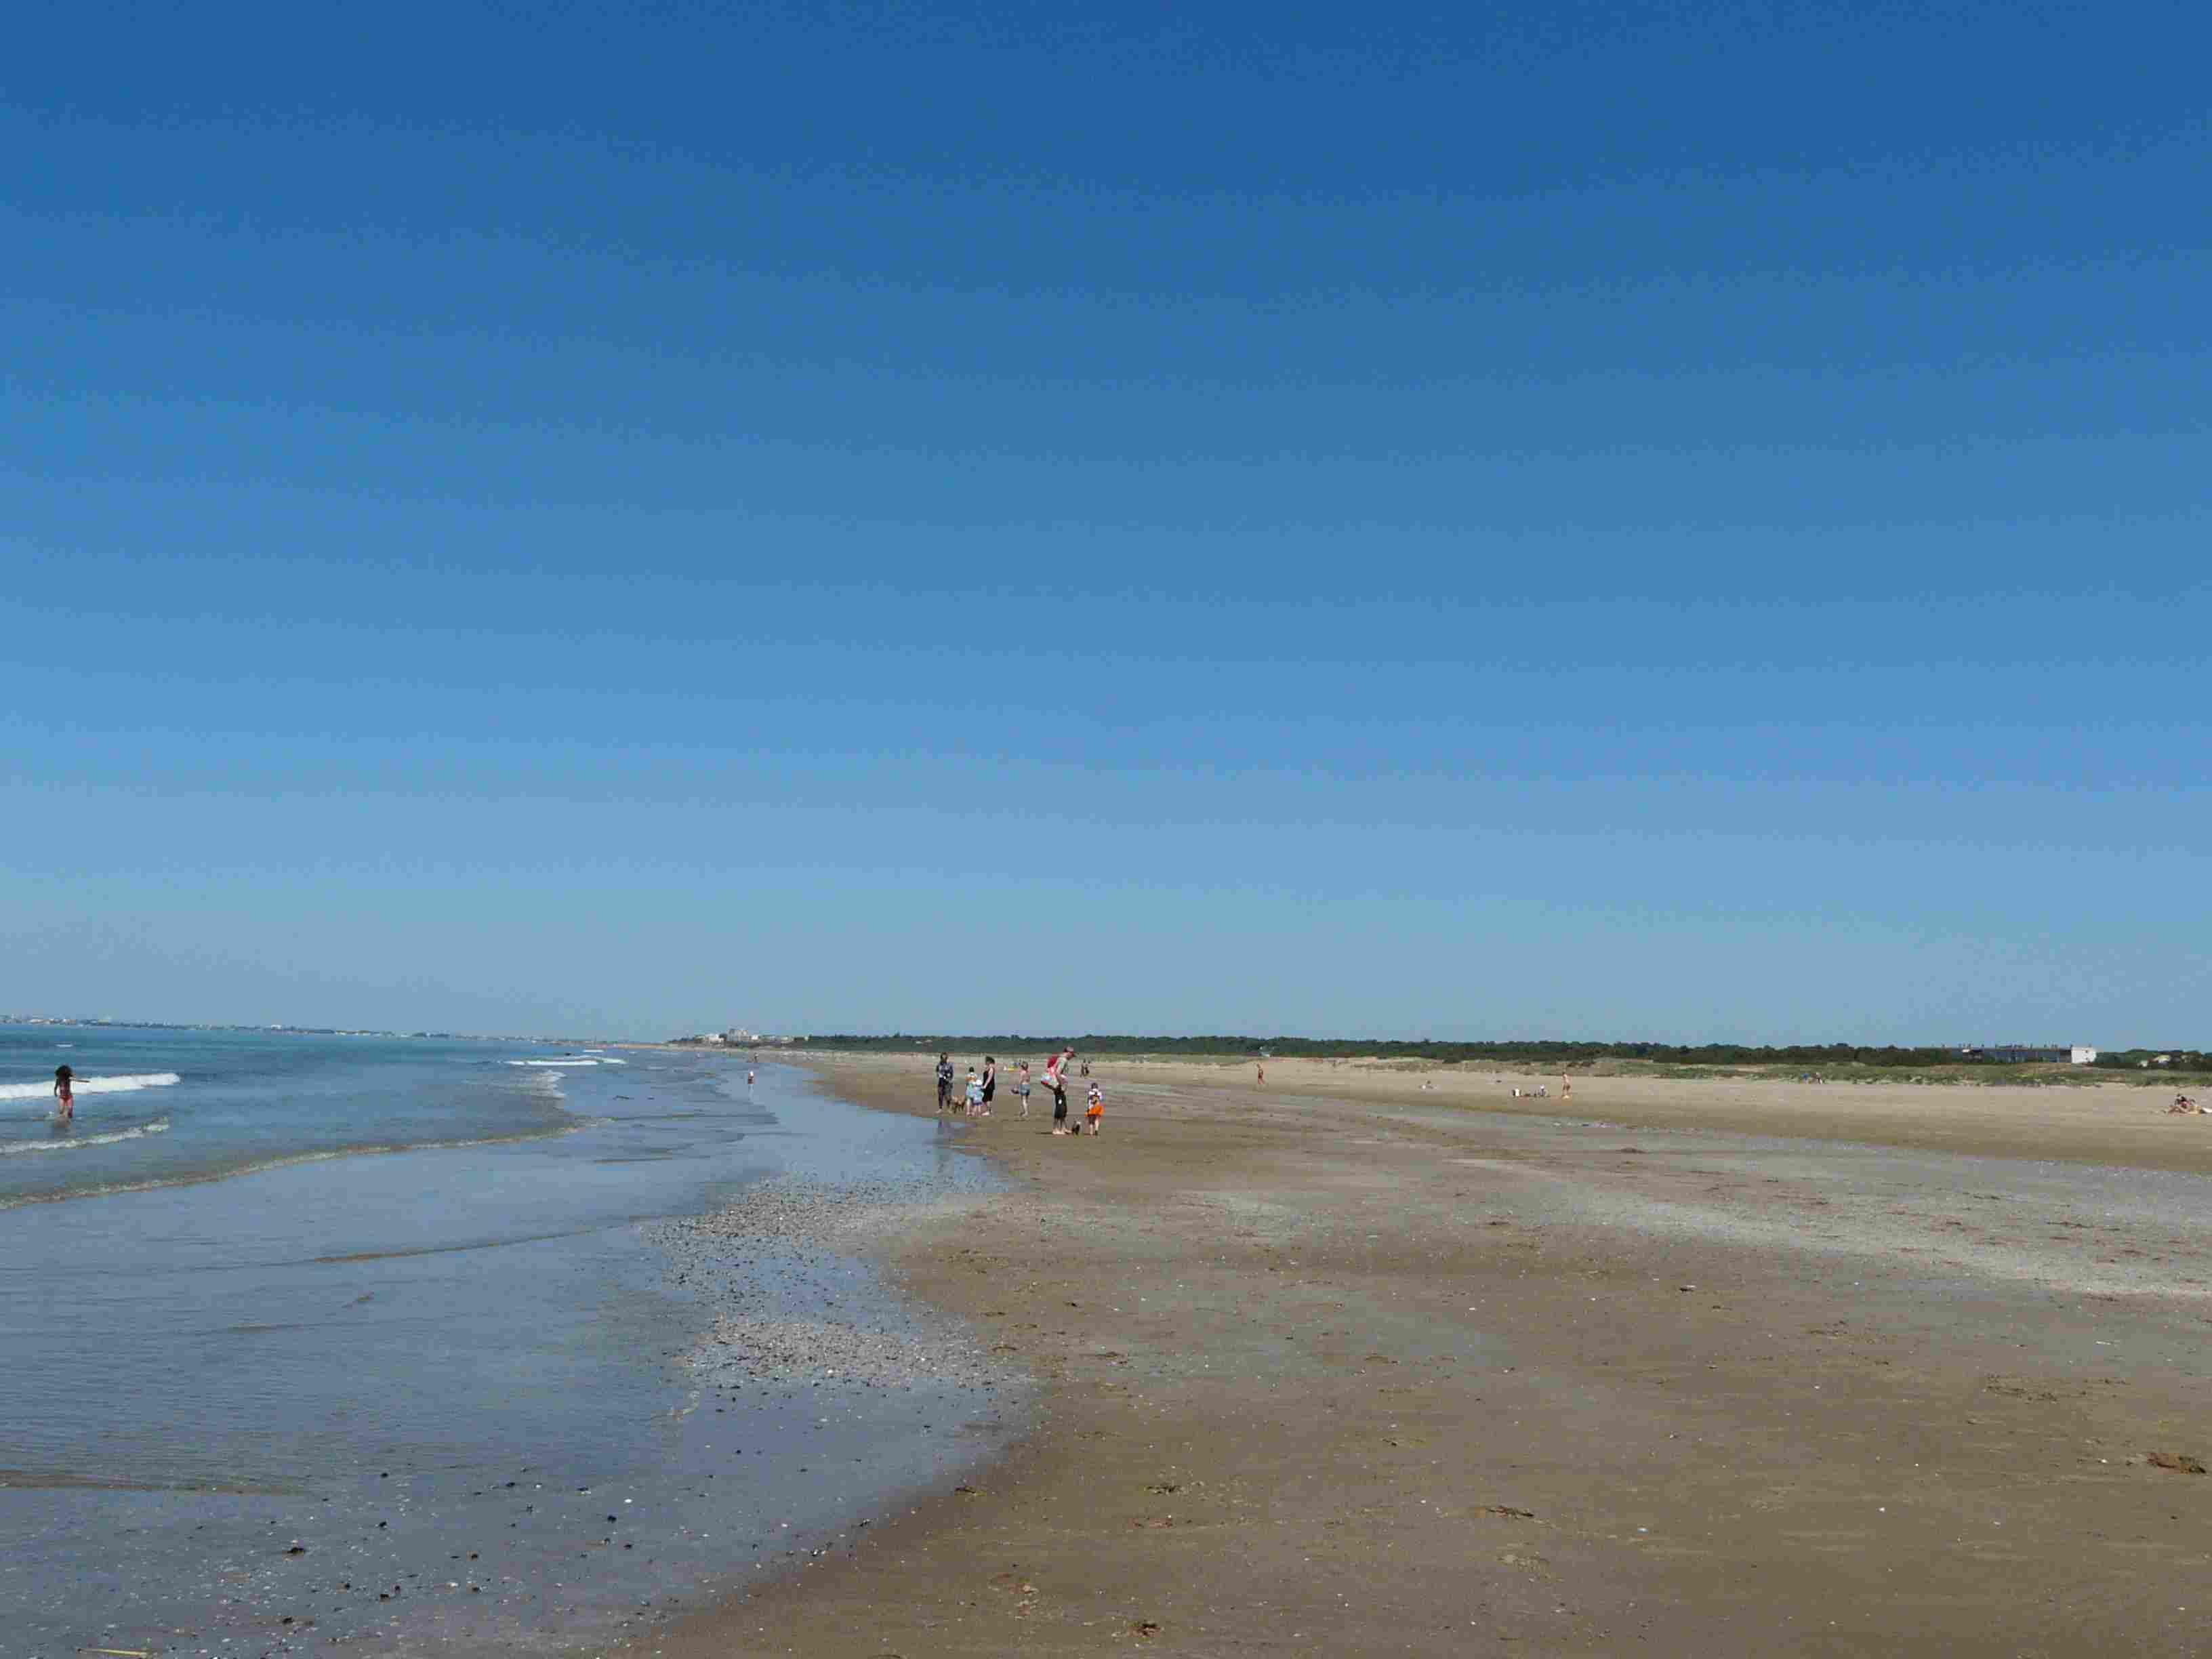 Location de vacance en loire atlantique saint brevin les pins - Les pierres couchees saint brevin ...